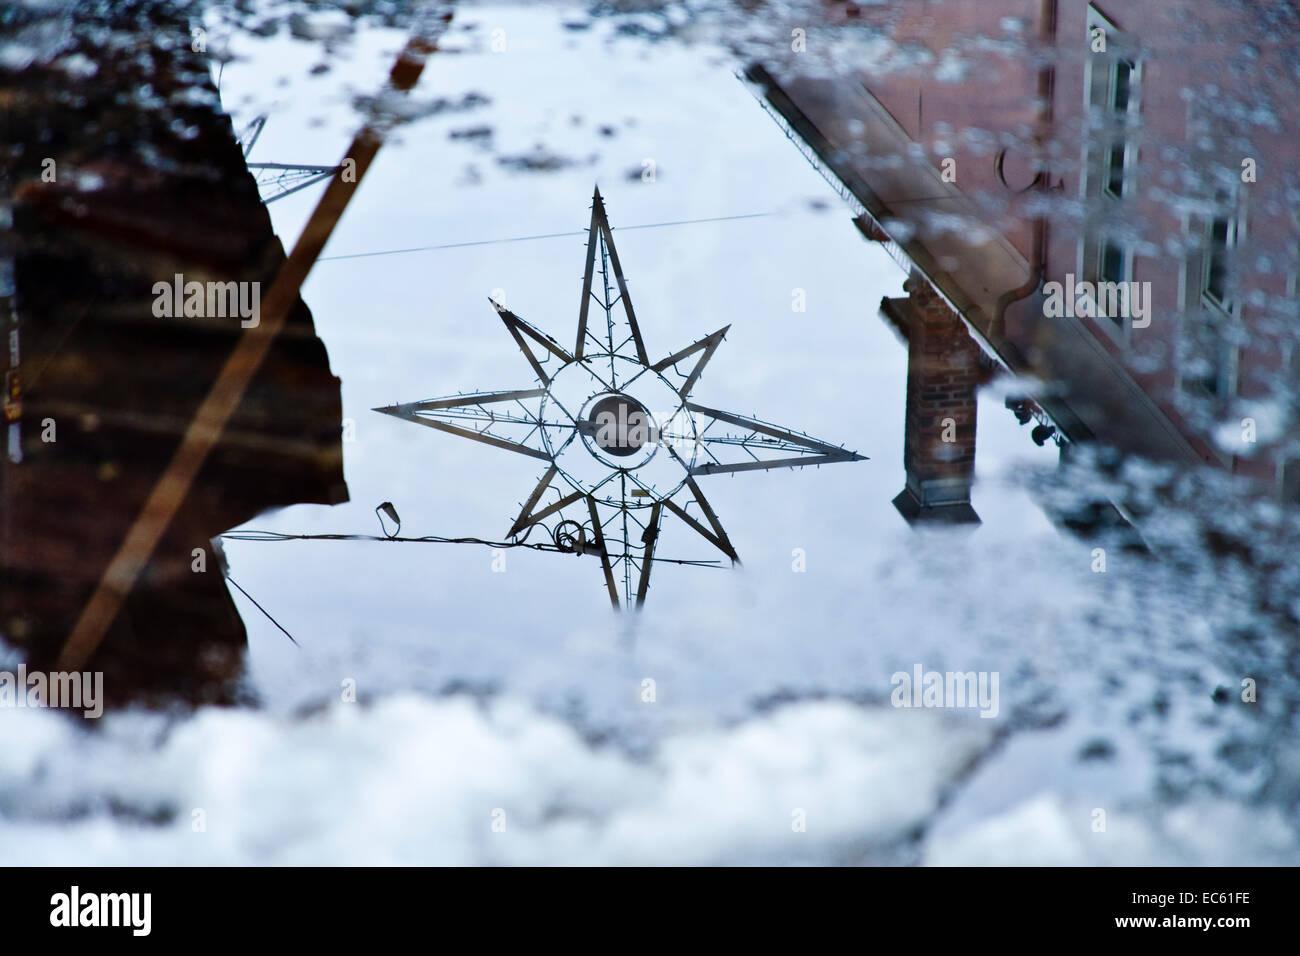 Auftauen Wasser spiegelt die Weihnachtsbeleuchtung Stockbild